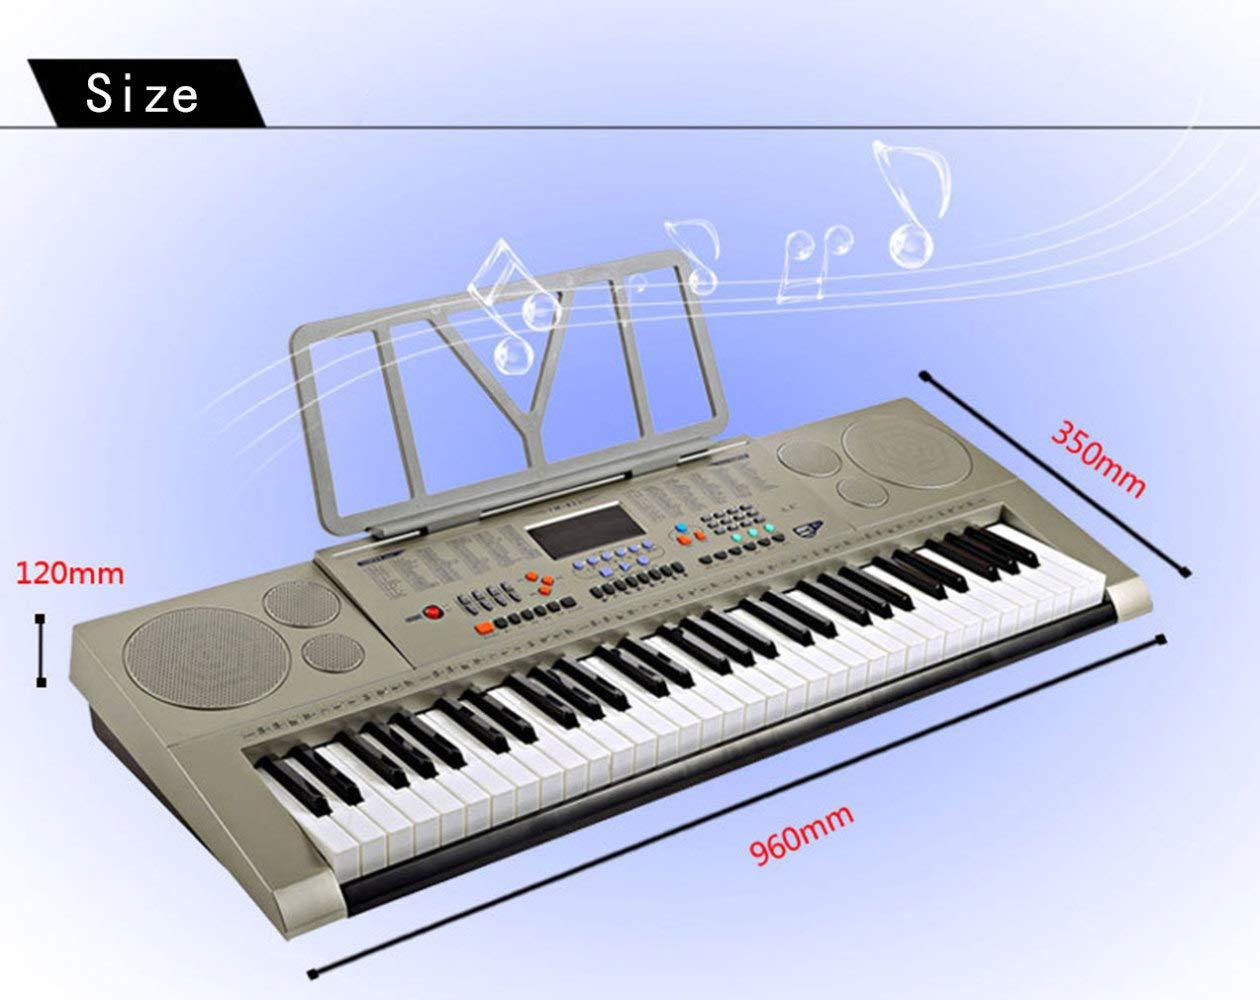 KYOKIM Teclado Electrónico Digital De 61 Teclas, Enseñanza Musical Interpretación Profesional, Universal para Adultos Y Niños,Grey: Amazon.es: Hogar